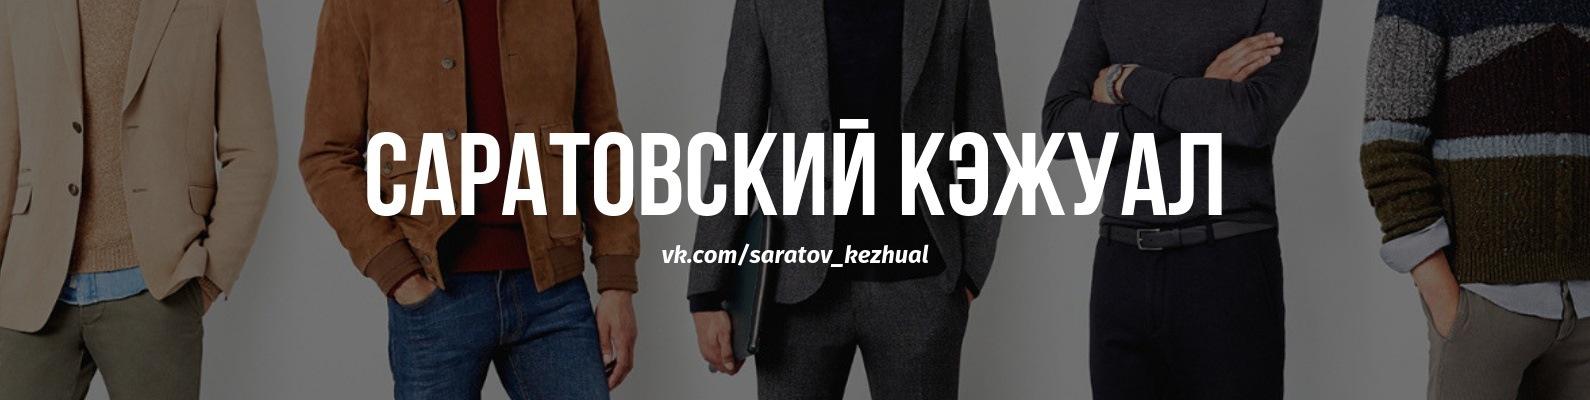 Гей вкантакте саратов